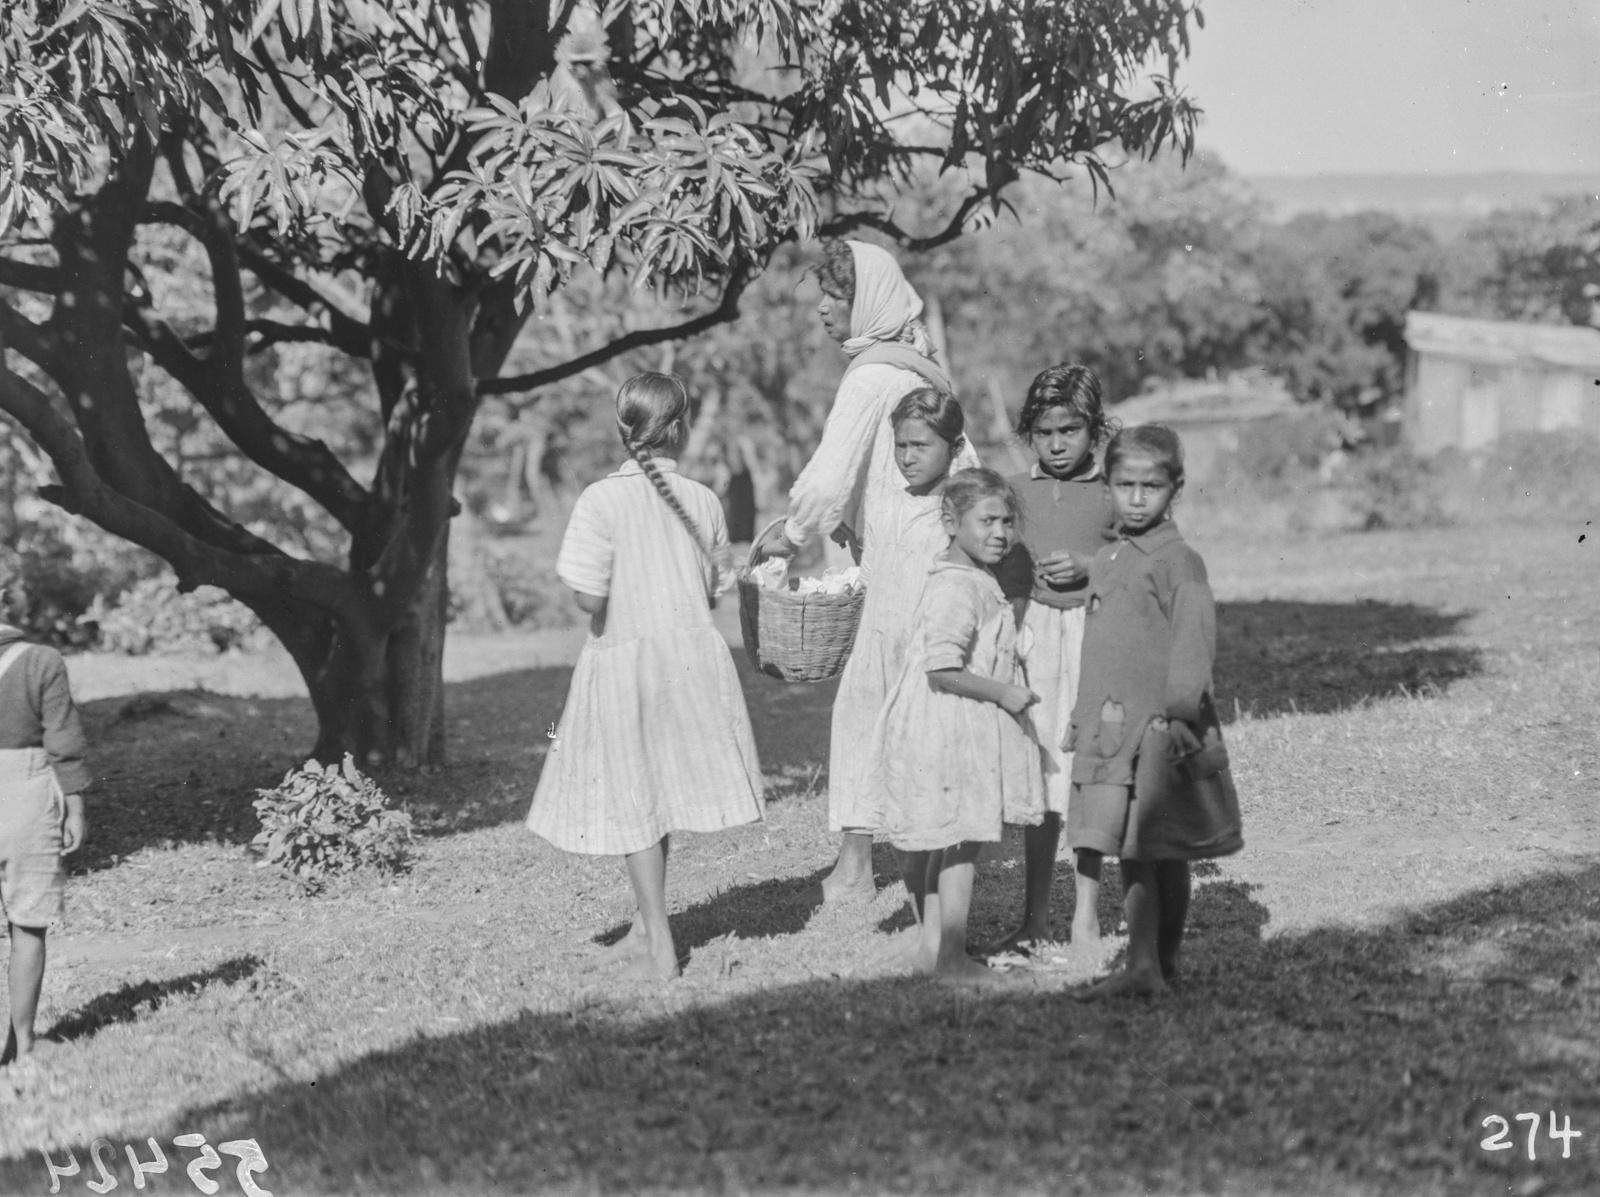 Южно-Африканский Союз. Дурбан. Дети и женщины из числа местных жителей